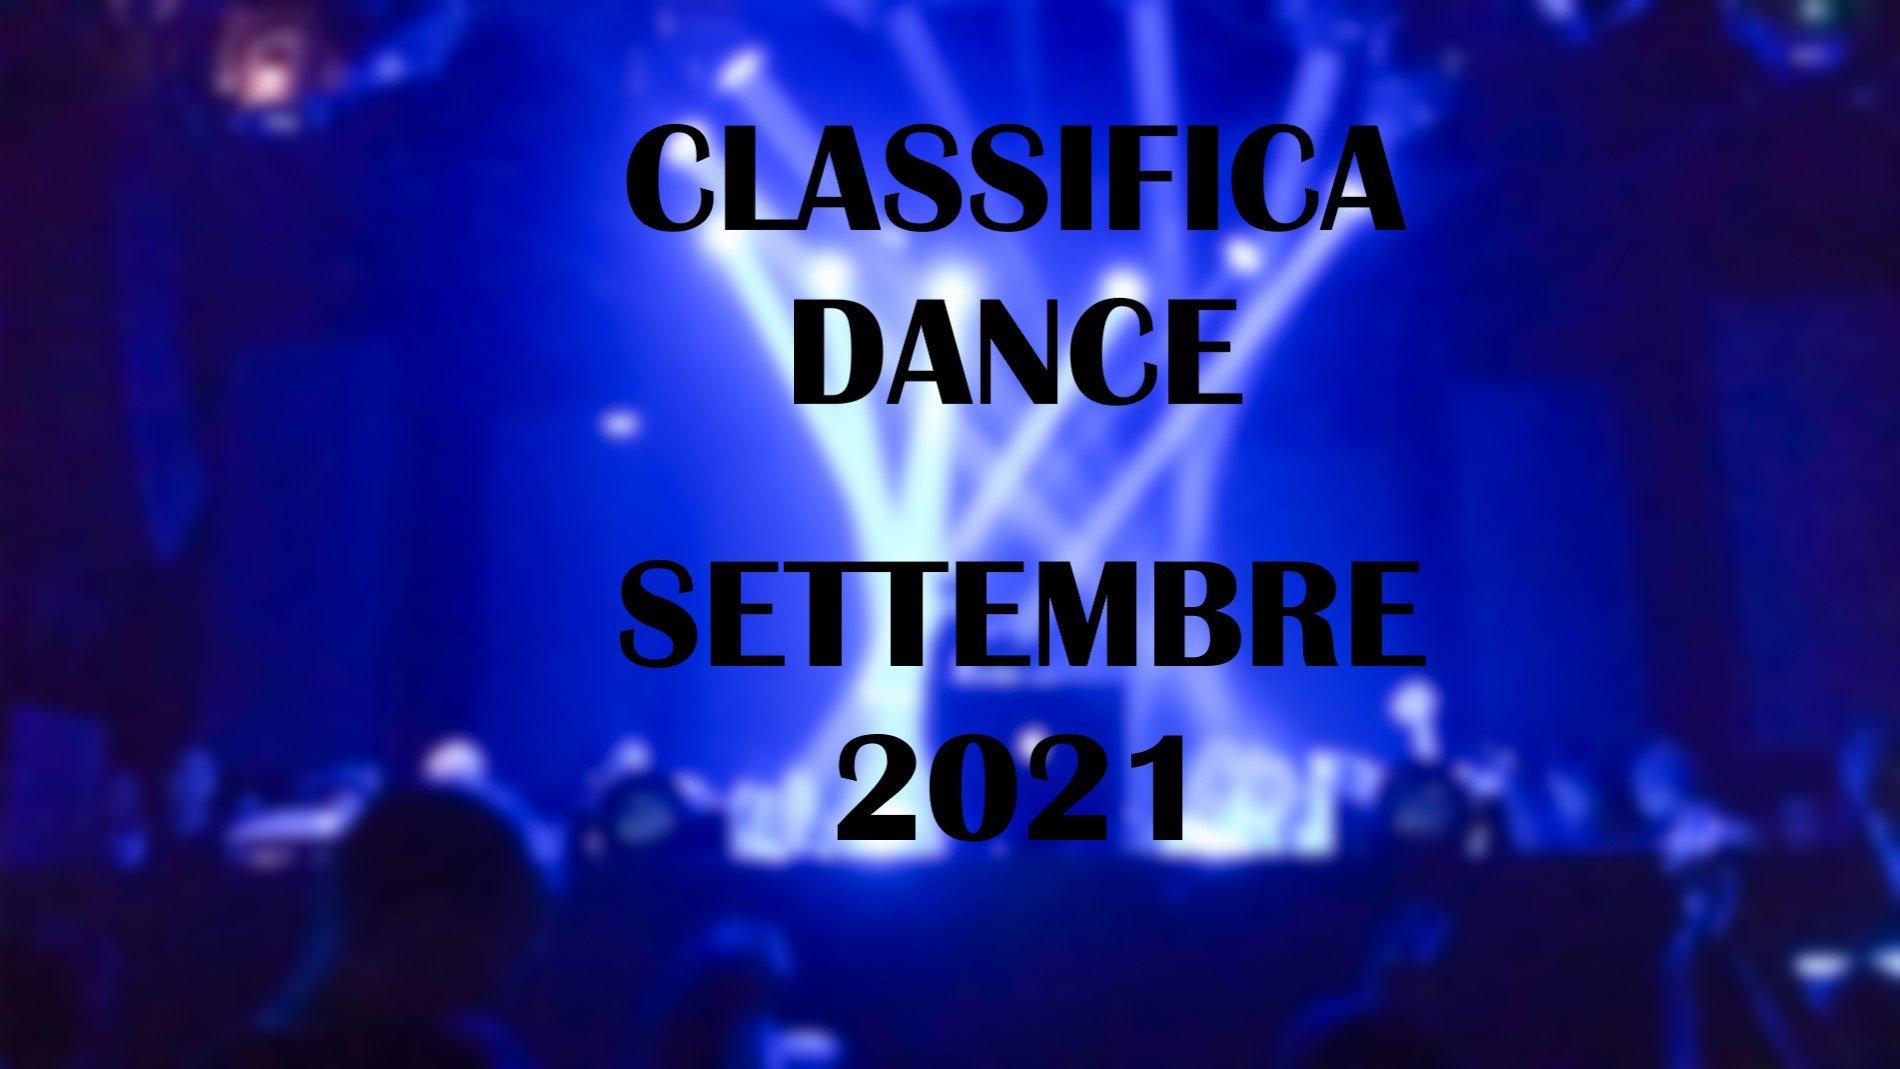 CLASSIFICA DANCE SETTEMBRE 2021 - Musica Dance del Momento SETTEMBRE 2021